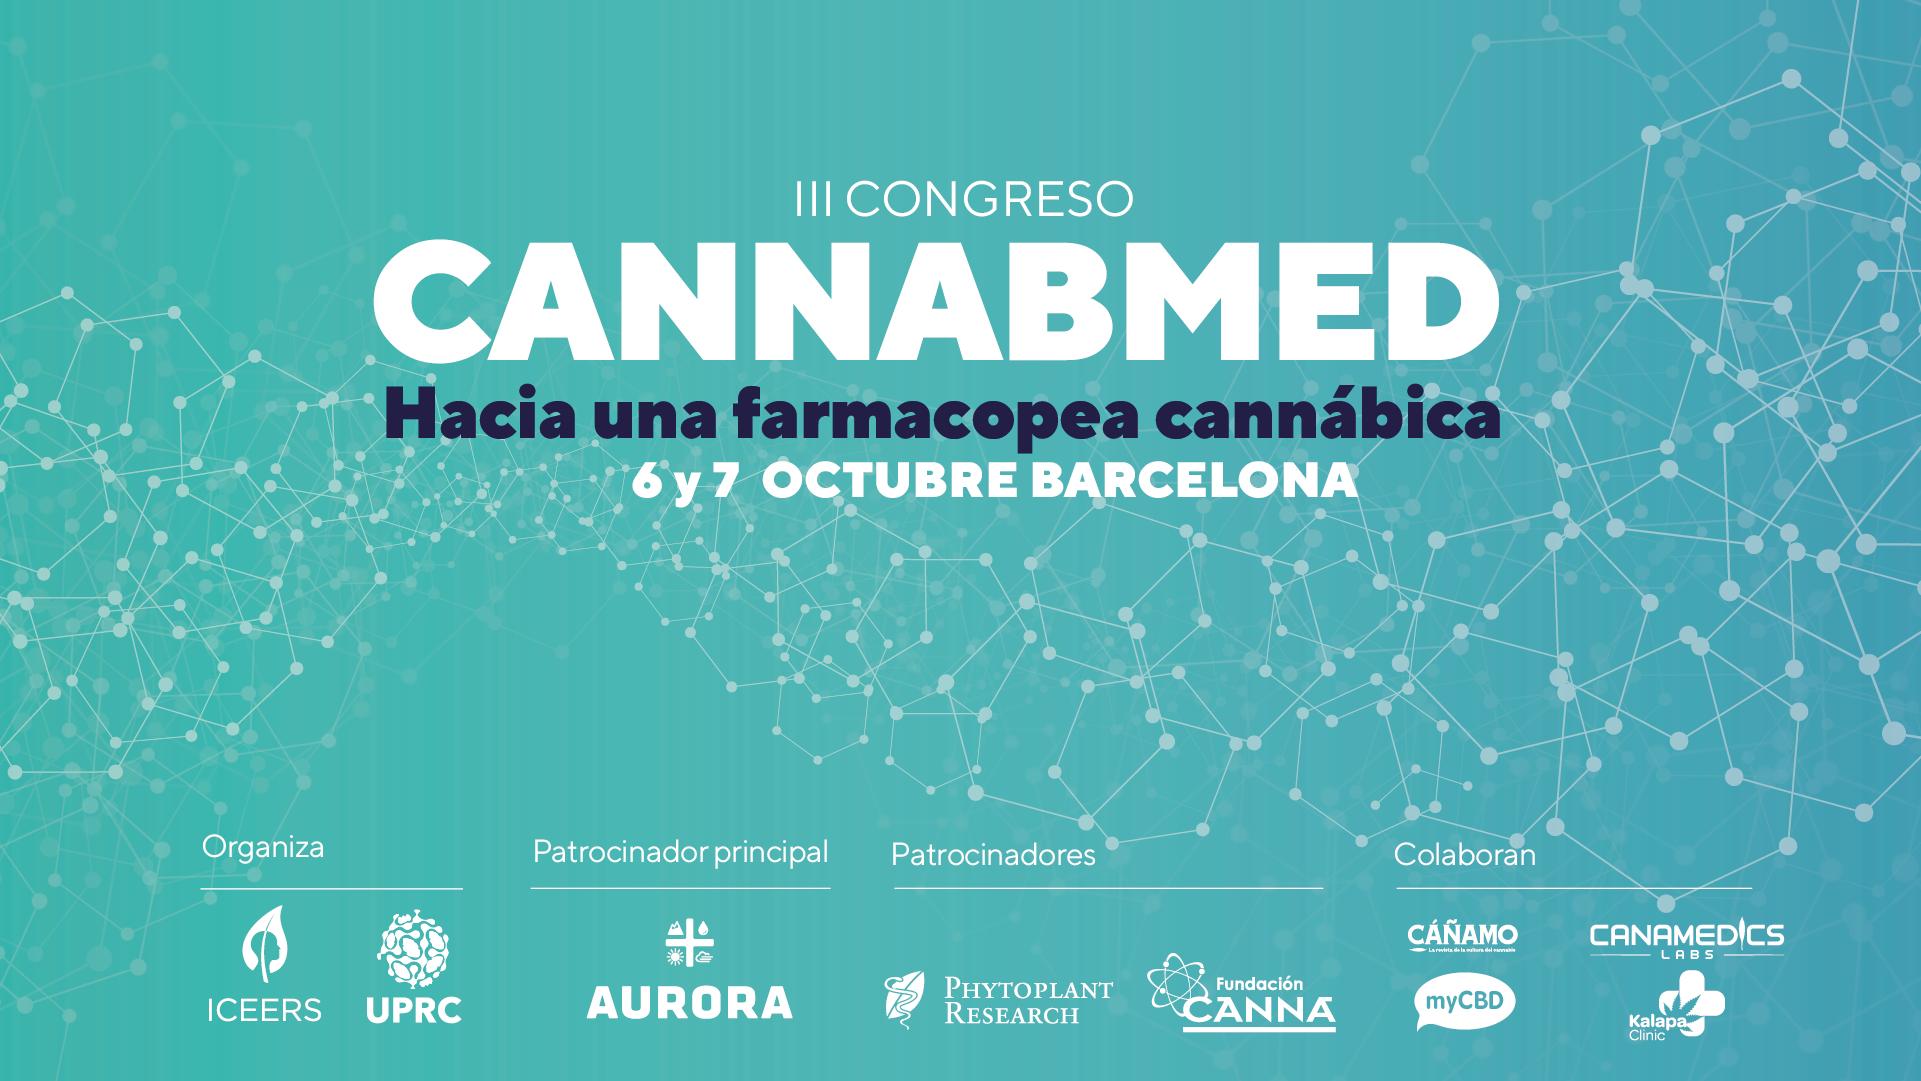 cannabmed congreso cannabis logos